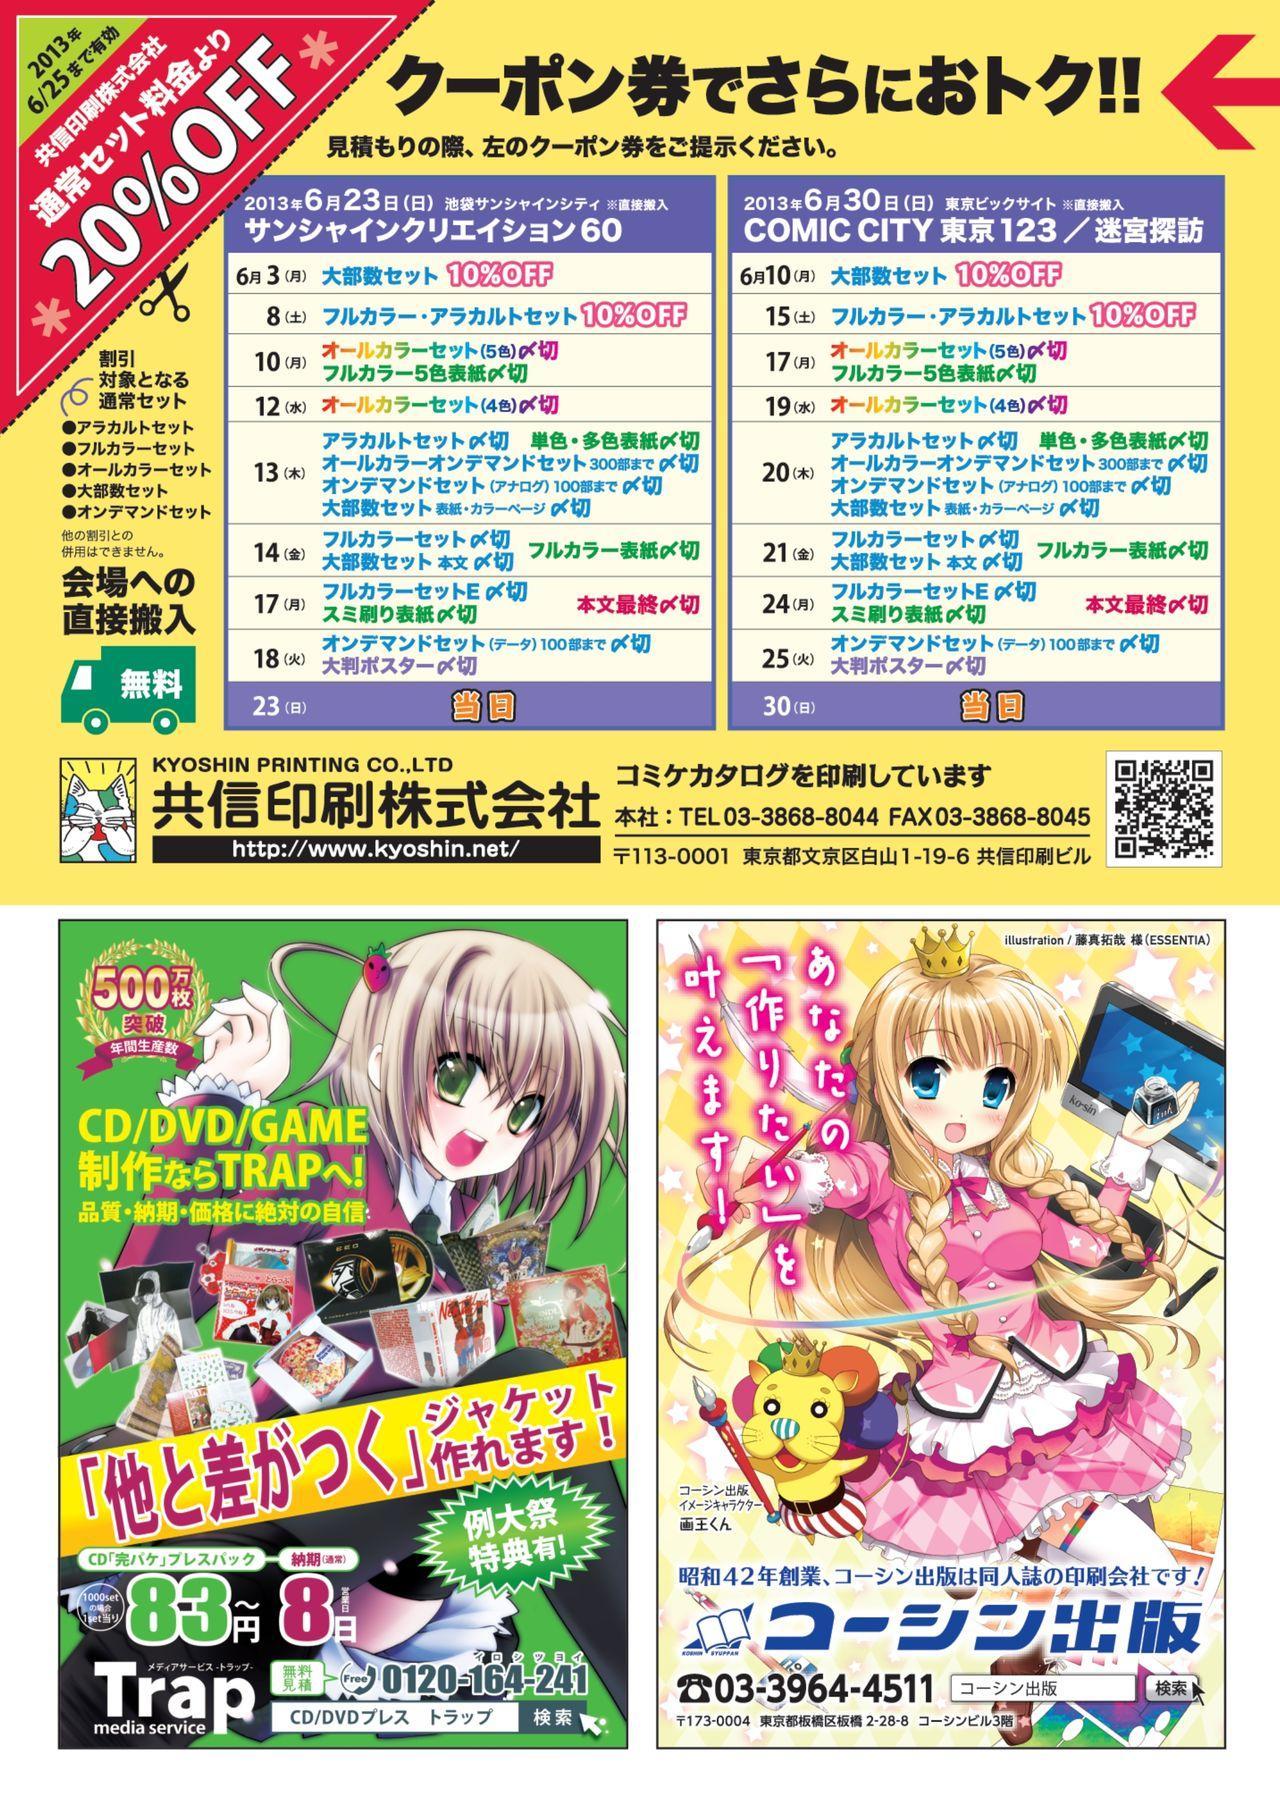 月刊めろメロ 2013年5月号 17